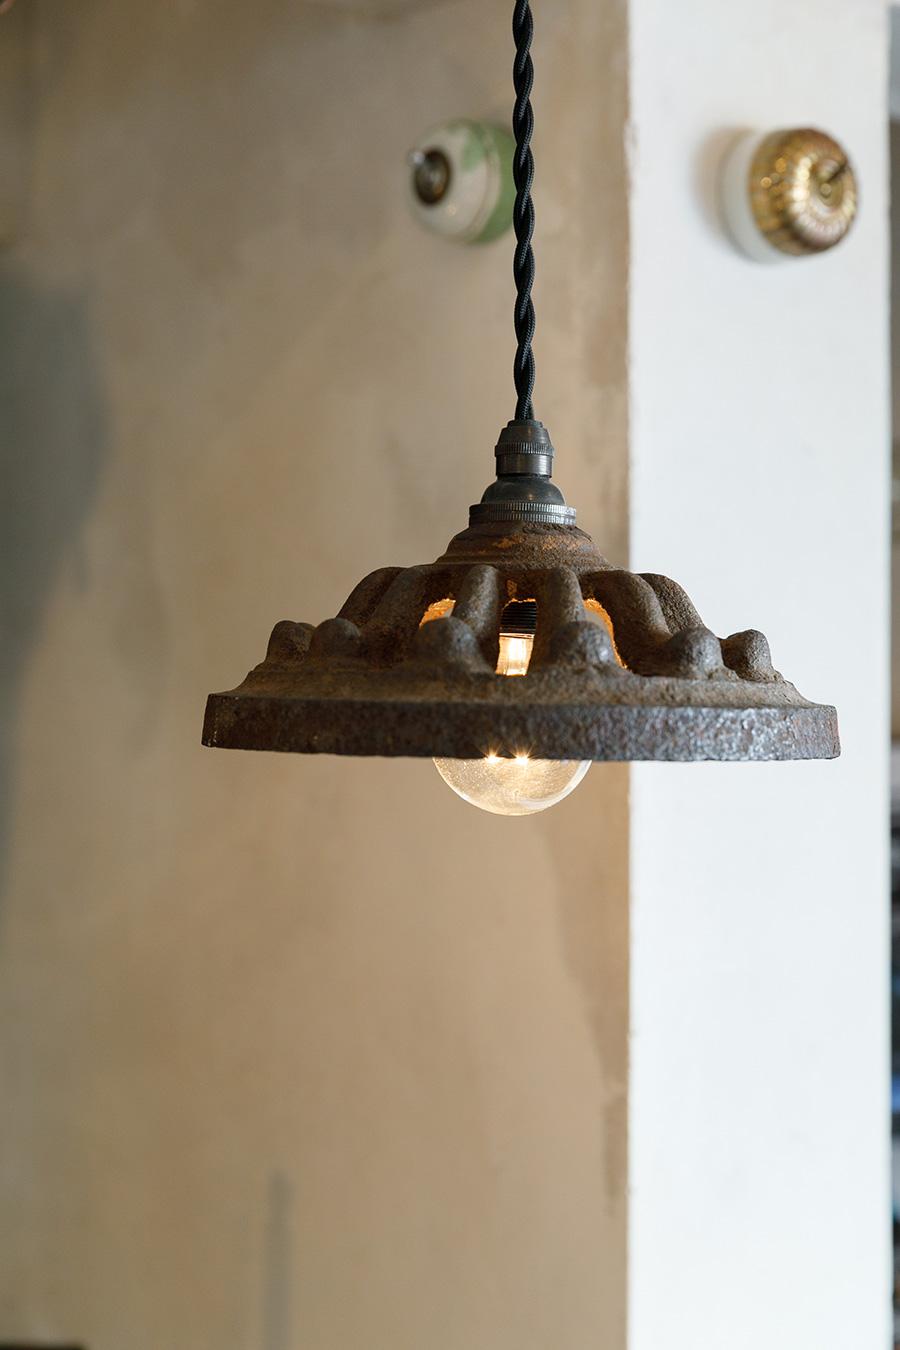 もともとはヨーロッパで使われていた古い燭台。それに穴あけ加工をして電球のソケットを入れられるようにした。